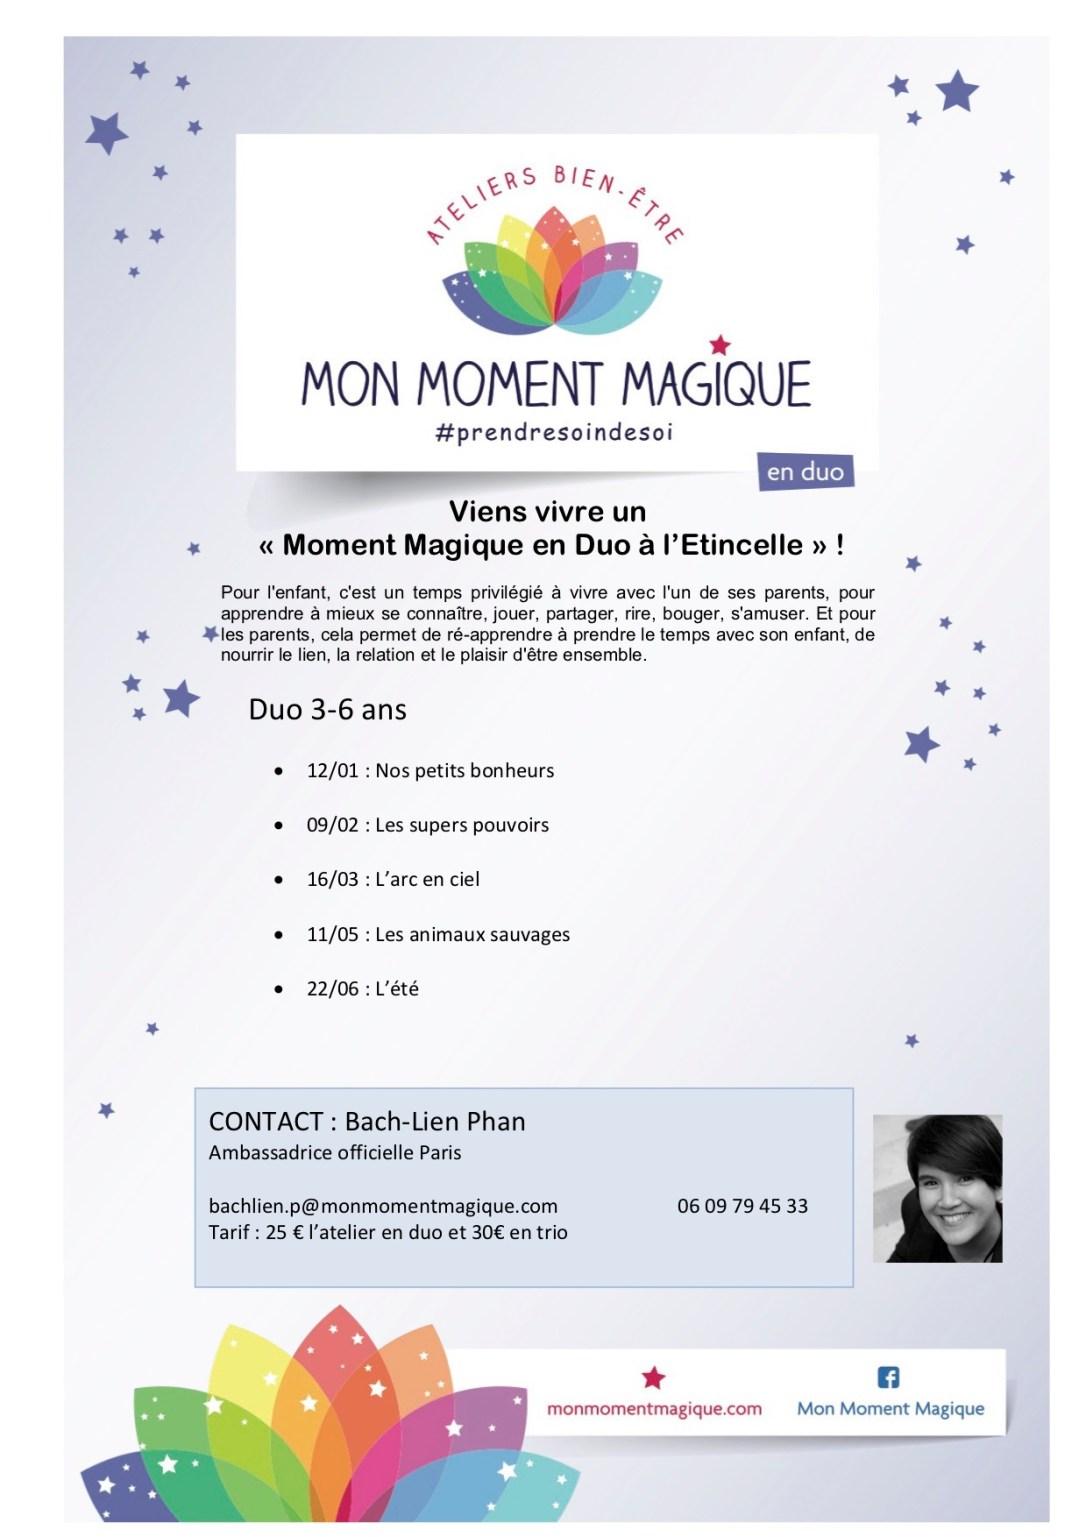 Affiche MMM en duo Etincelle Montessori - copie